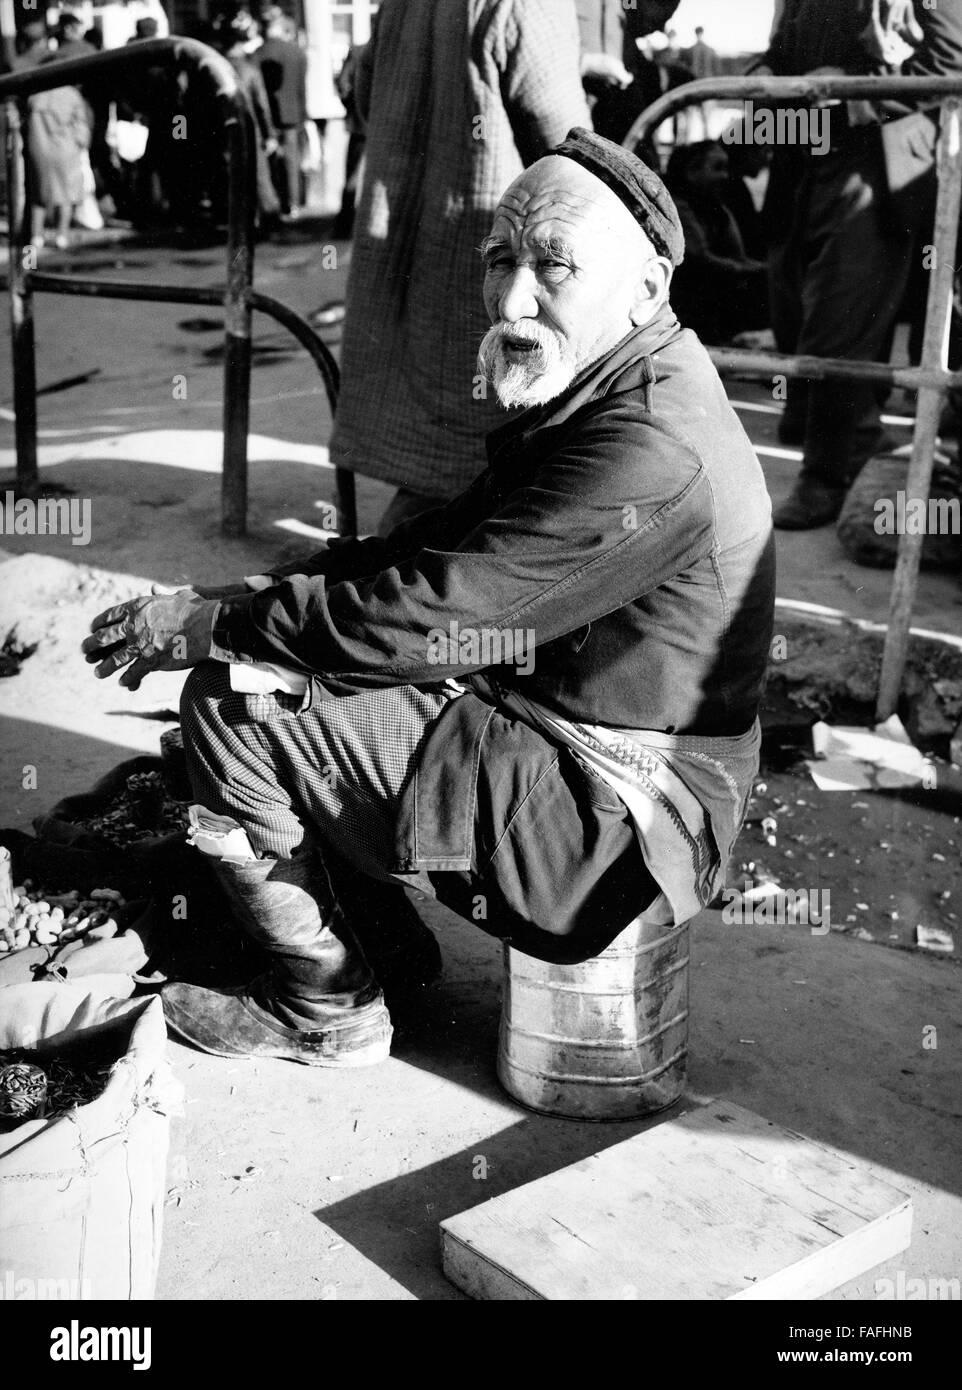 Ein Mann Sitzt Hinter seit Verkaufsstand Auf Dem Basar in Taschkent in Usbekistan, Bezirkshandstempel, 1970er Jahre. Stockbild